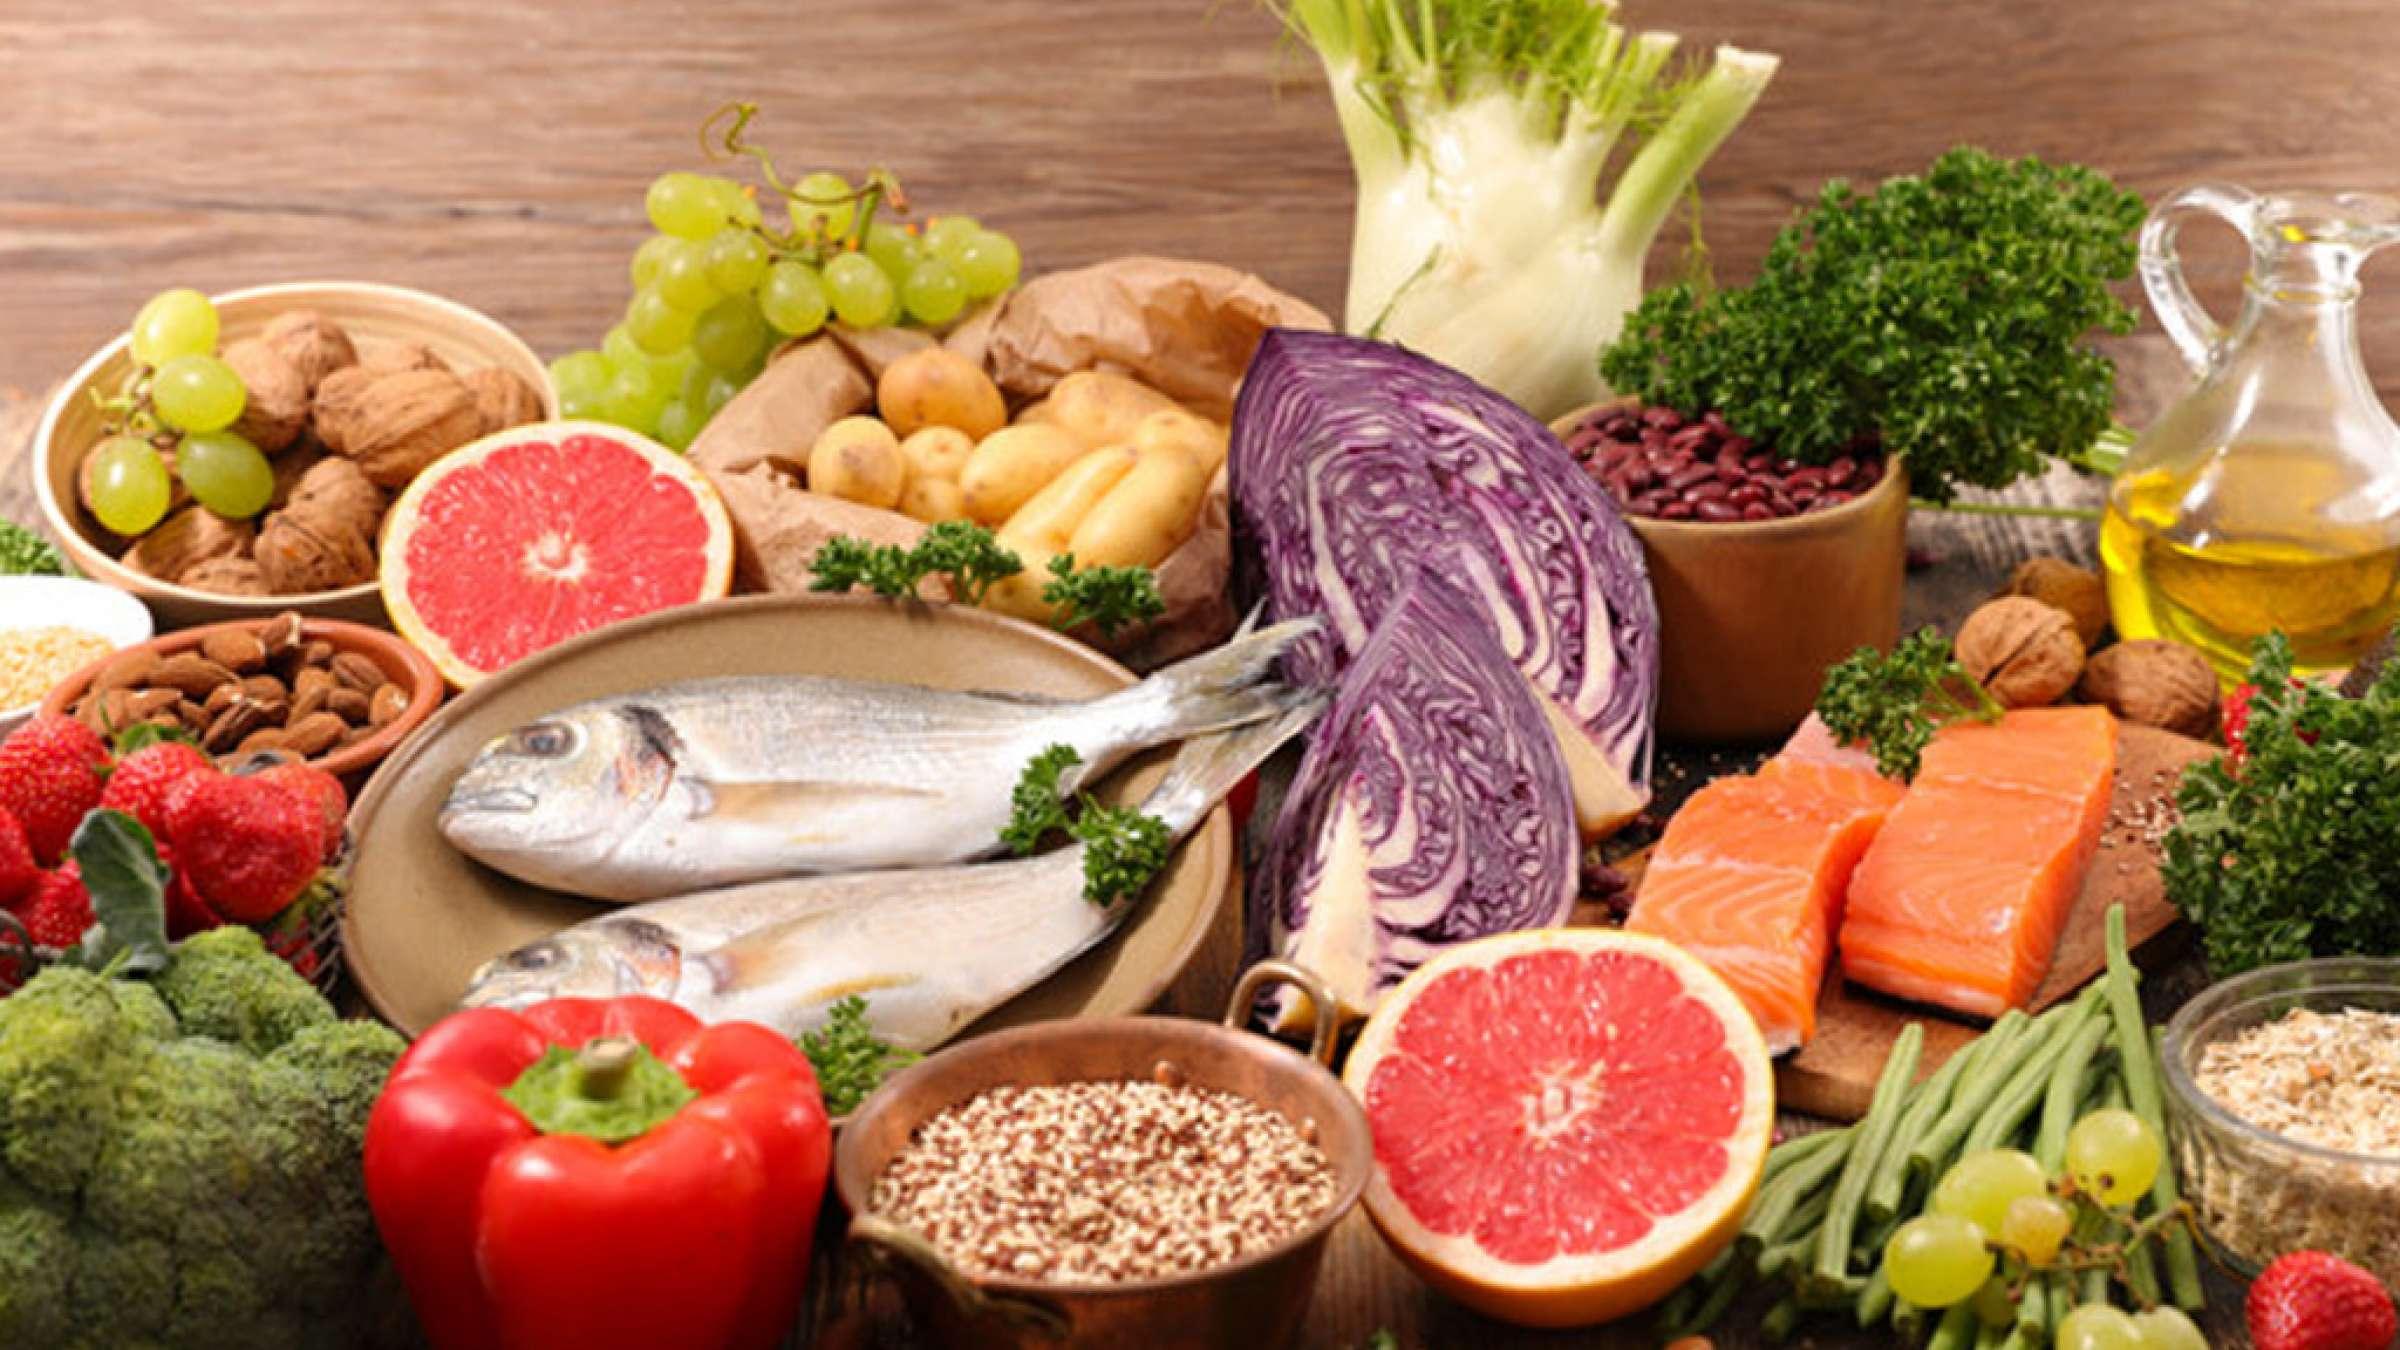 نقش-پروتئین-ویتامین-و-چربی-در-سلامتی-ما-کاظمی-طبیعی-درمانی